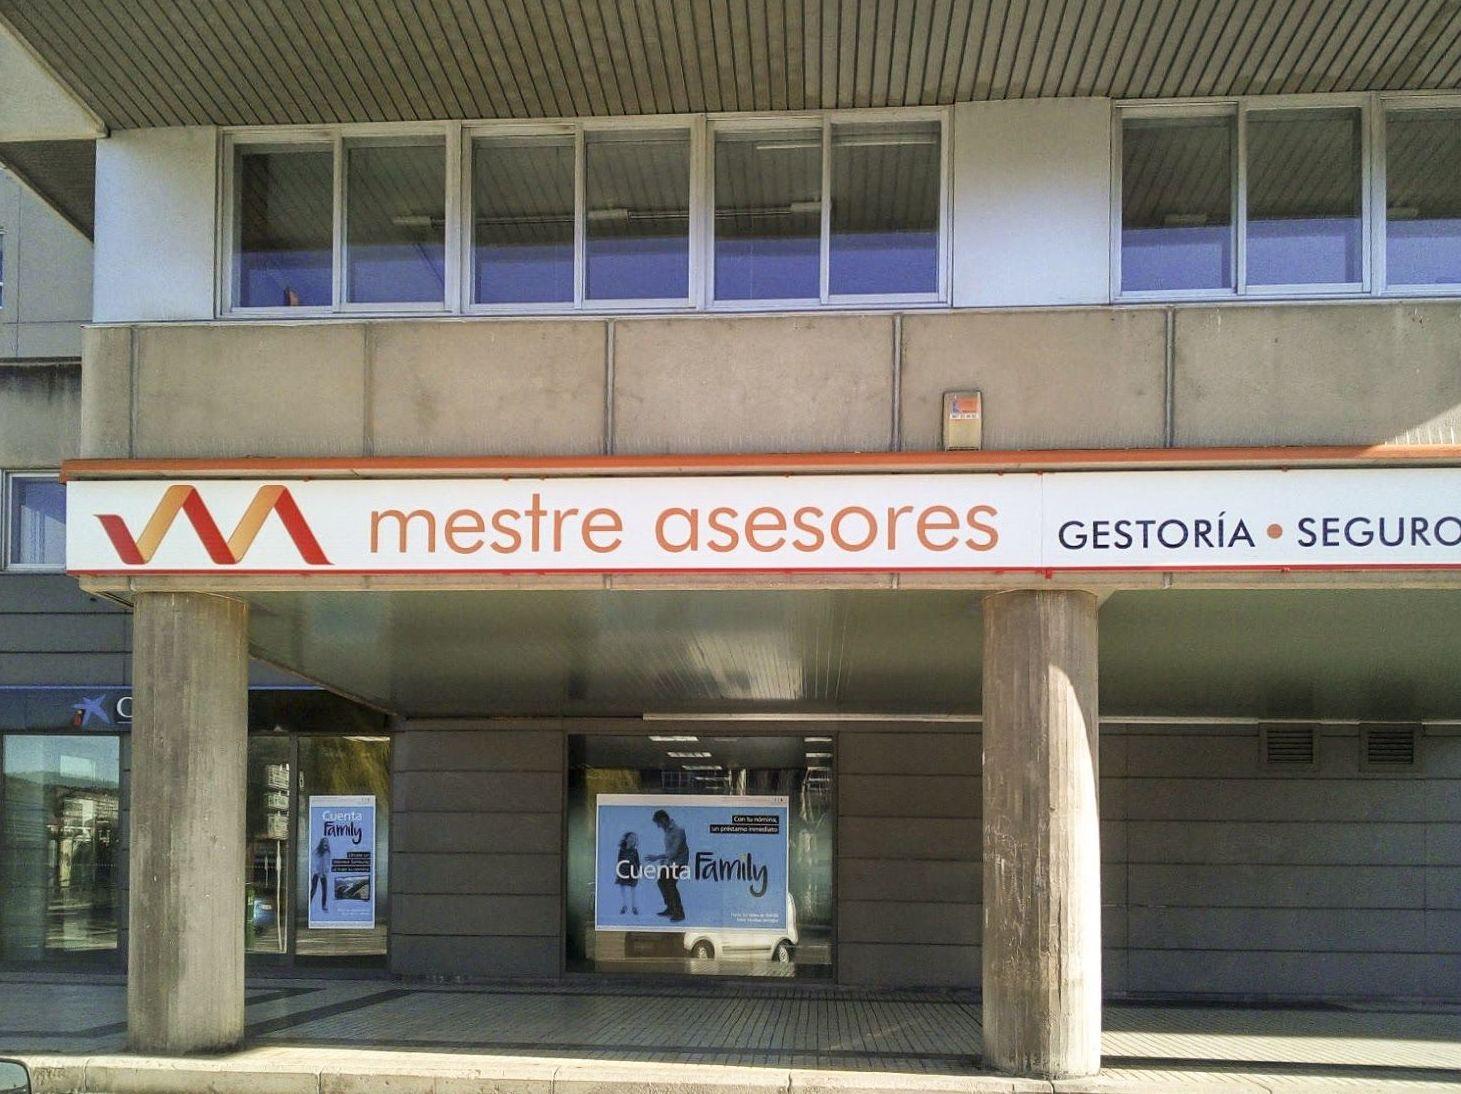 Picture 4 of Gestorías in Burgos | Gestoría Mestre